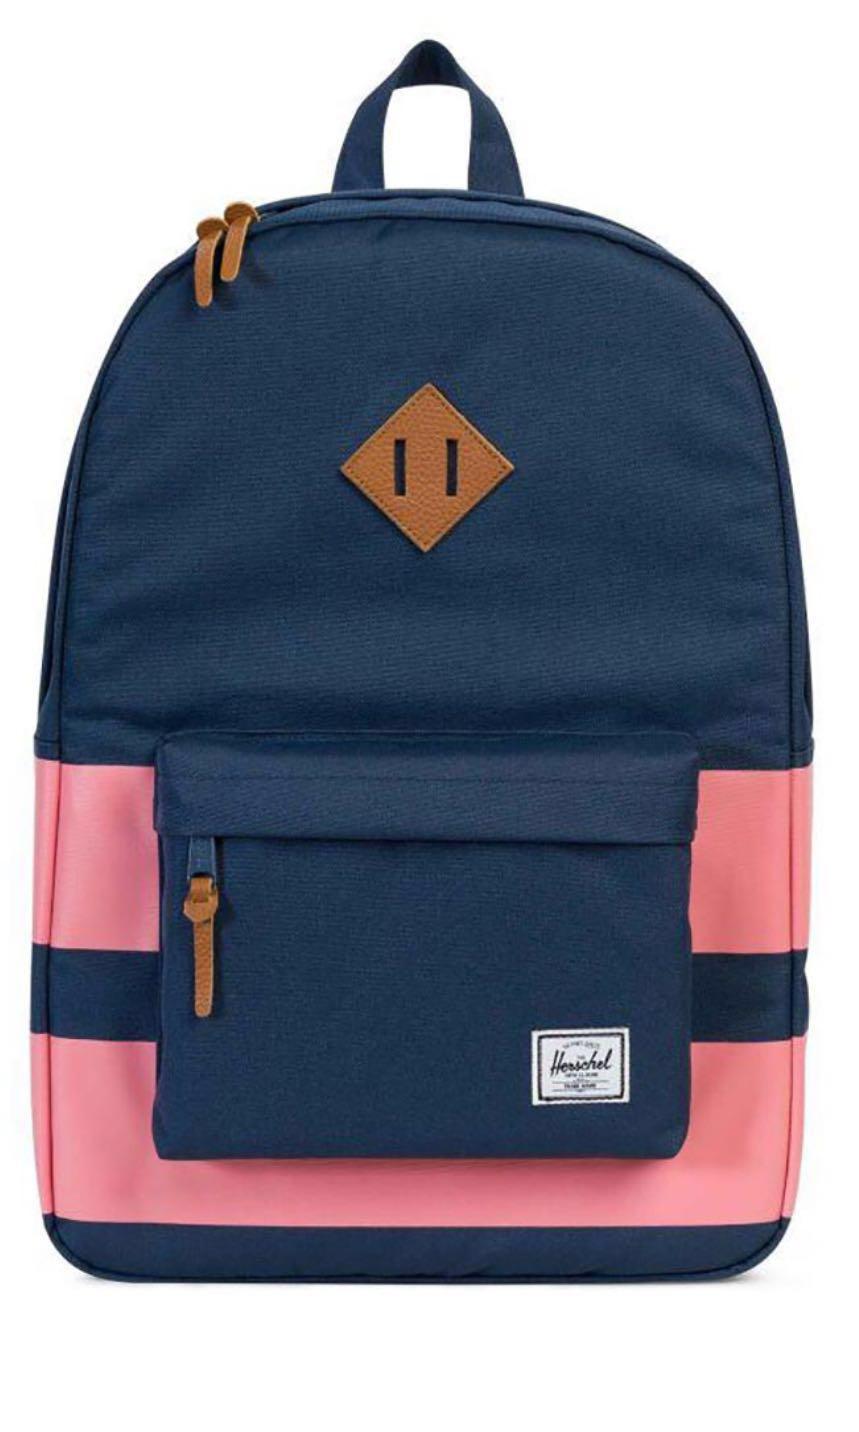 BN Herschel backpack d2a3d8b08c1cb